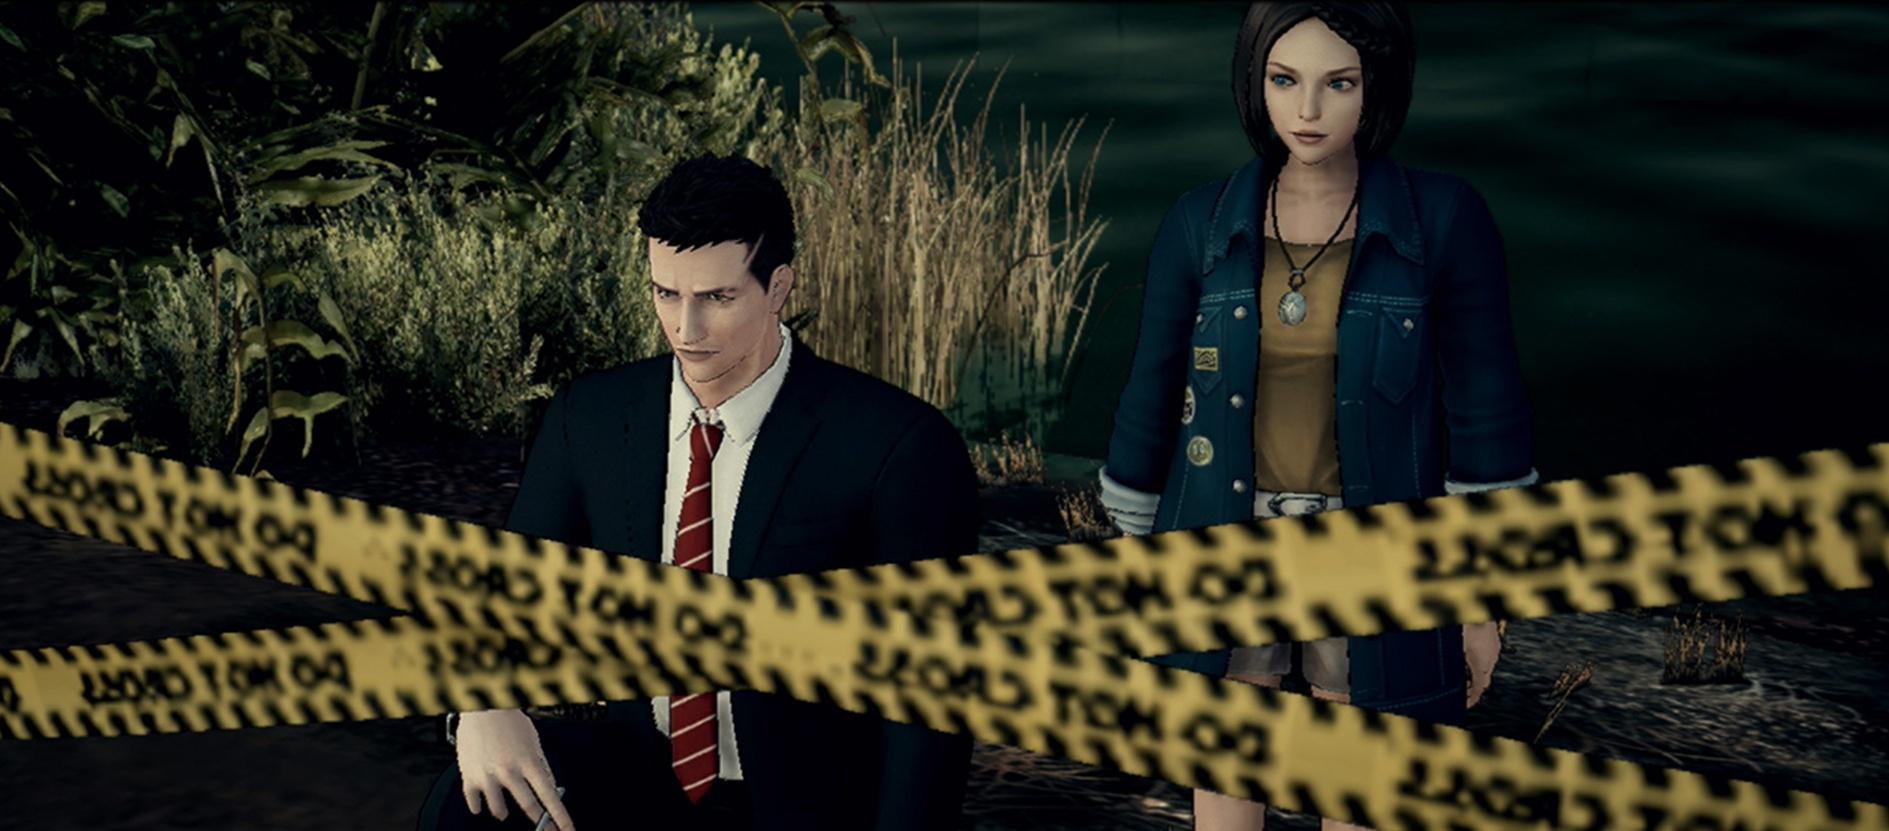 Deadly Premonition2 выйдет 10 июля — это сиквел-приквел